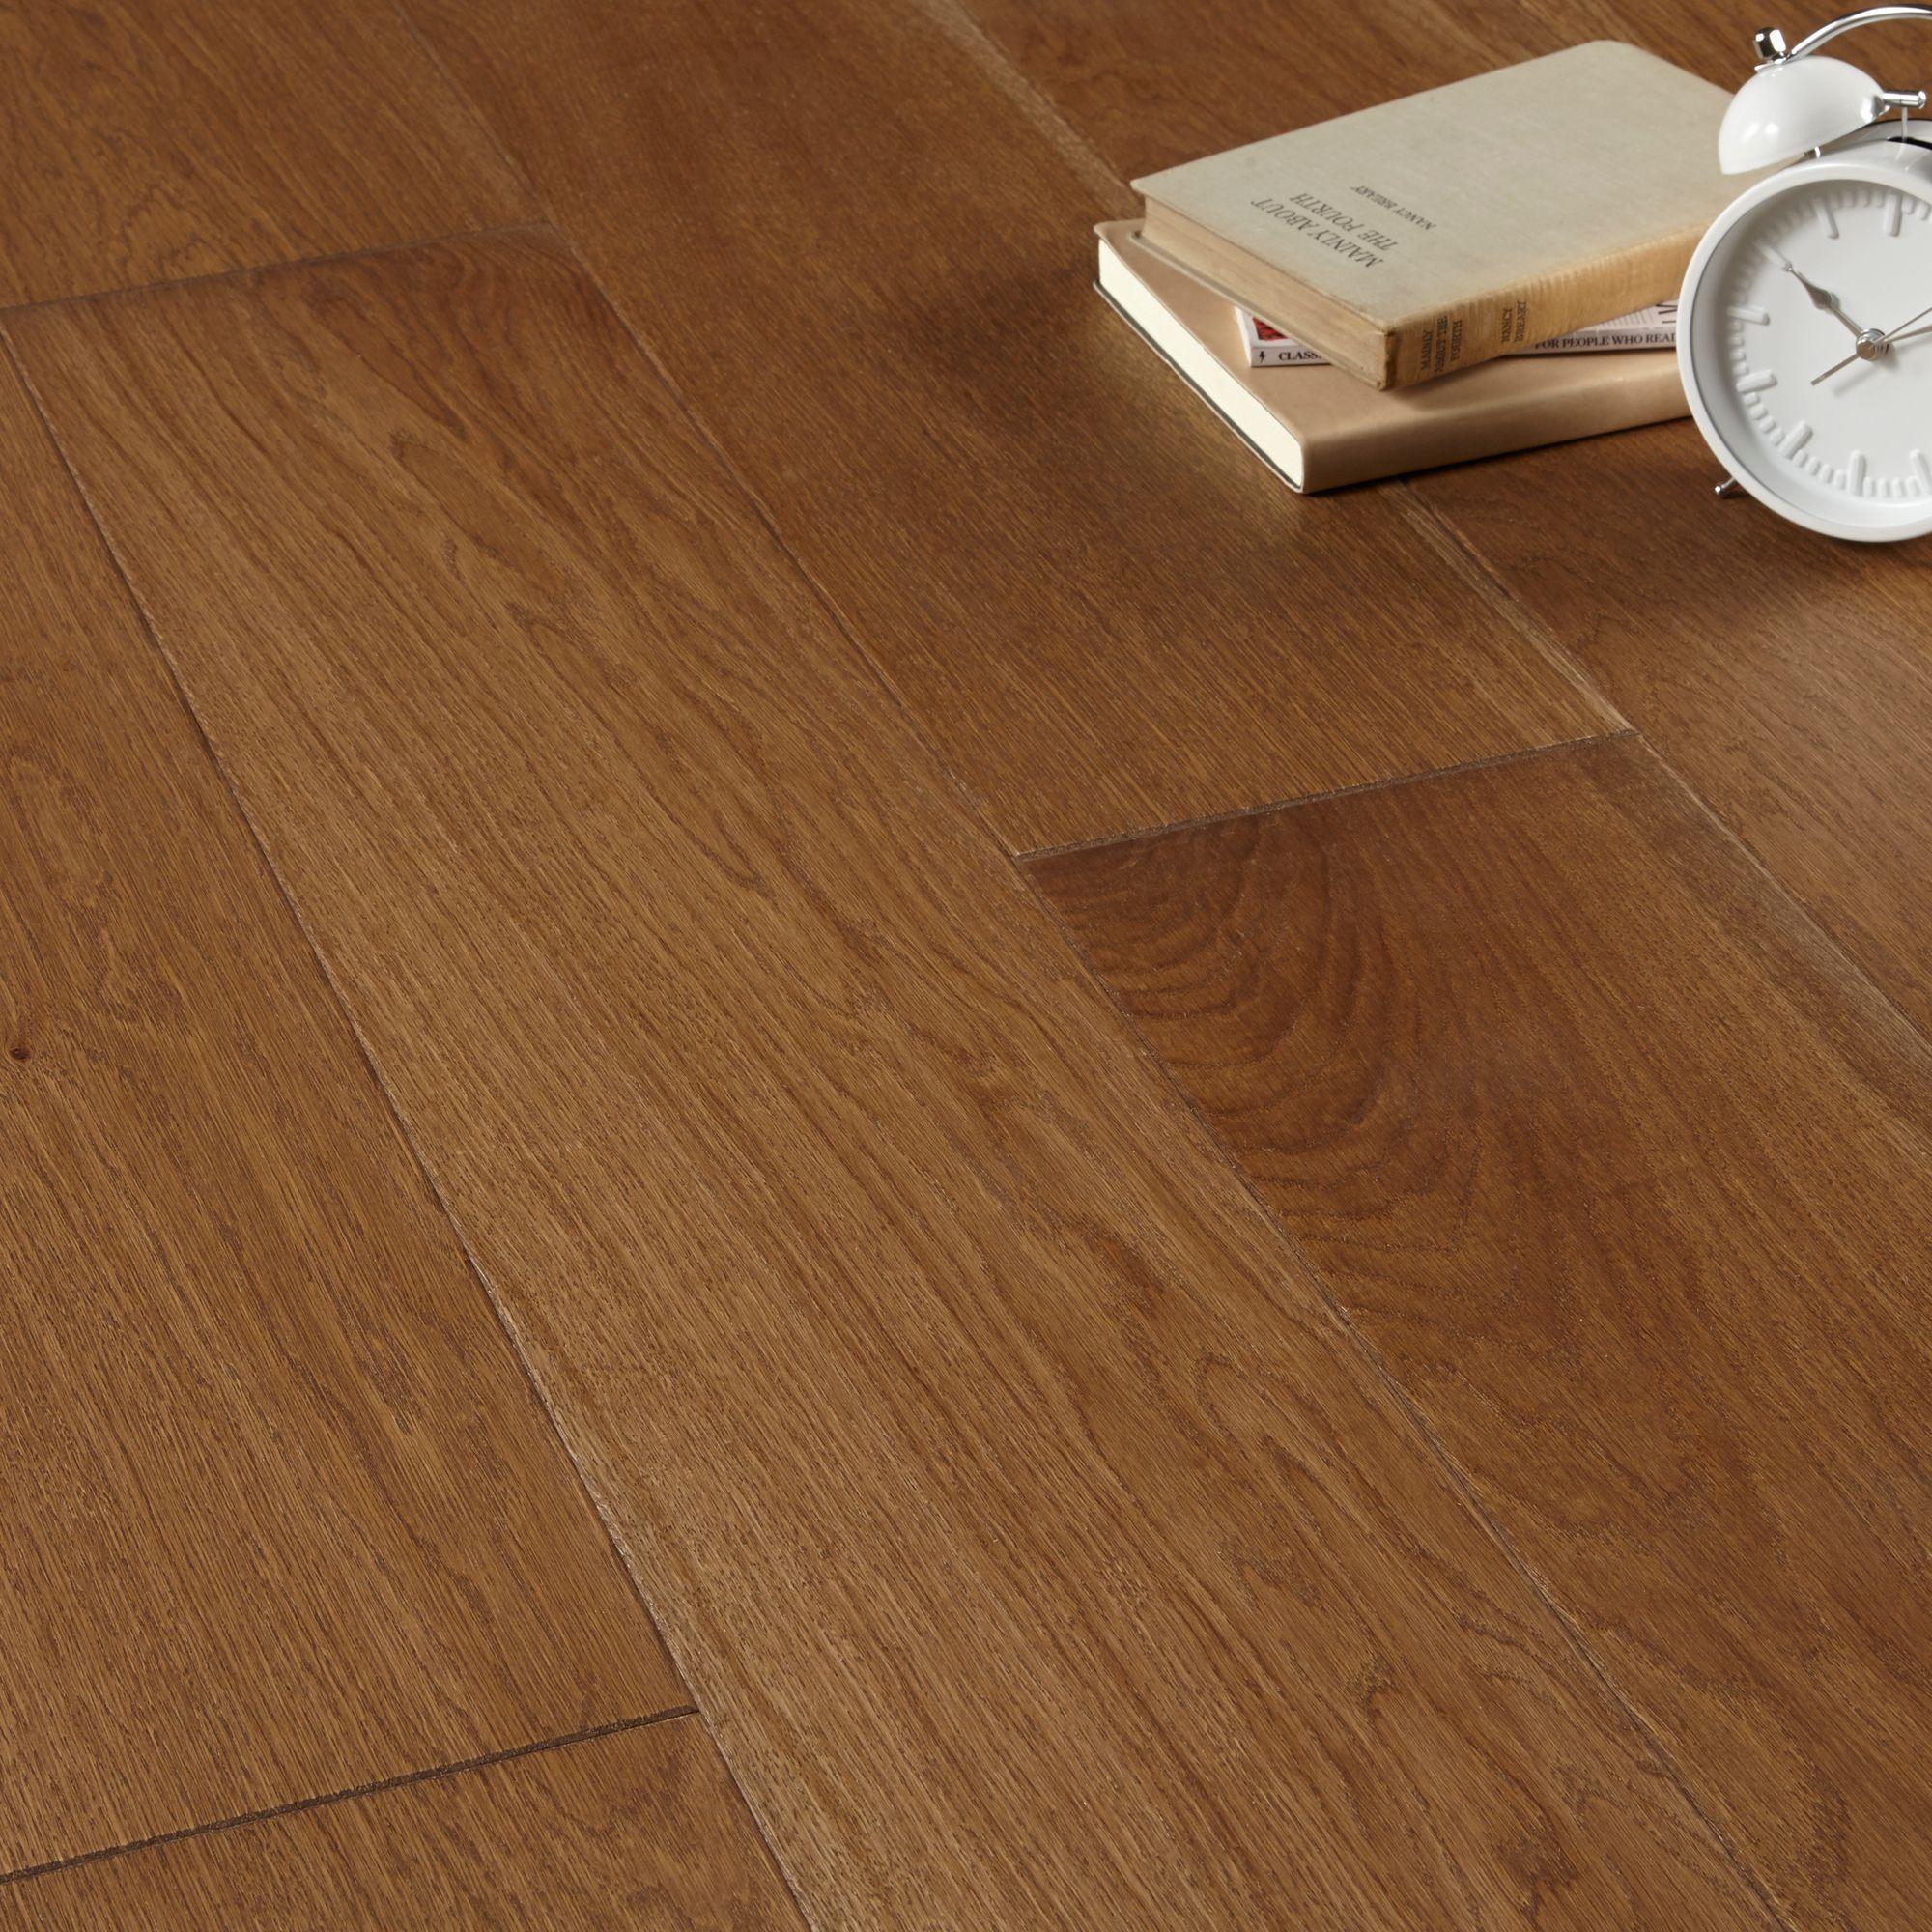 Soren Burnt Oak Flooring Taraba Home Review